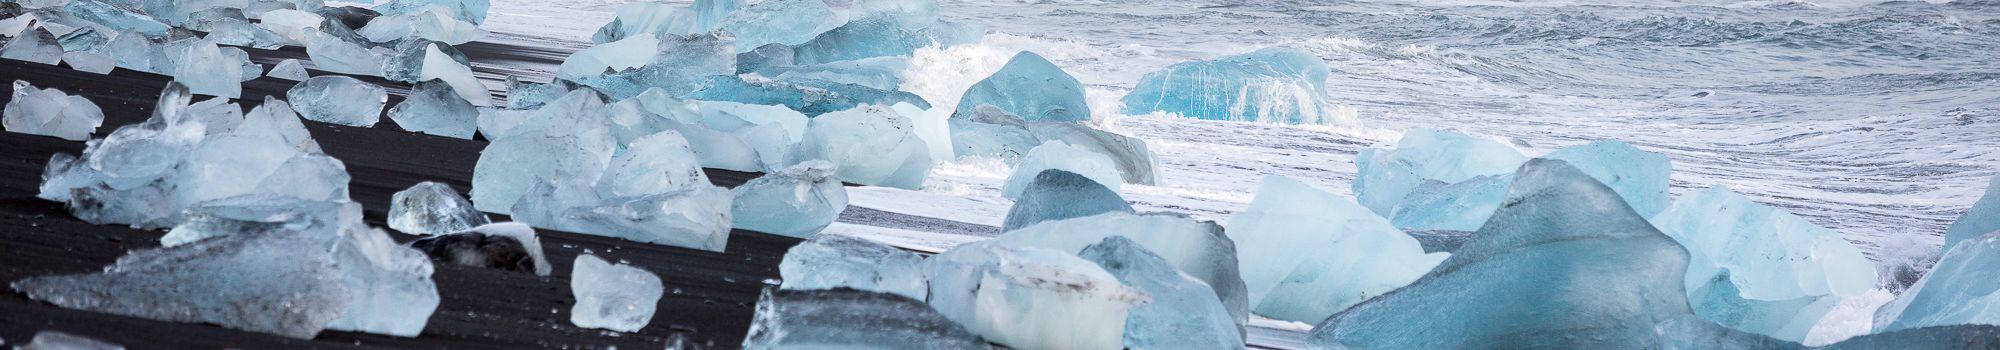 man-standing-jokulsarlon-glacier-lagoon